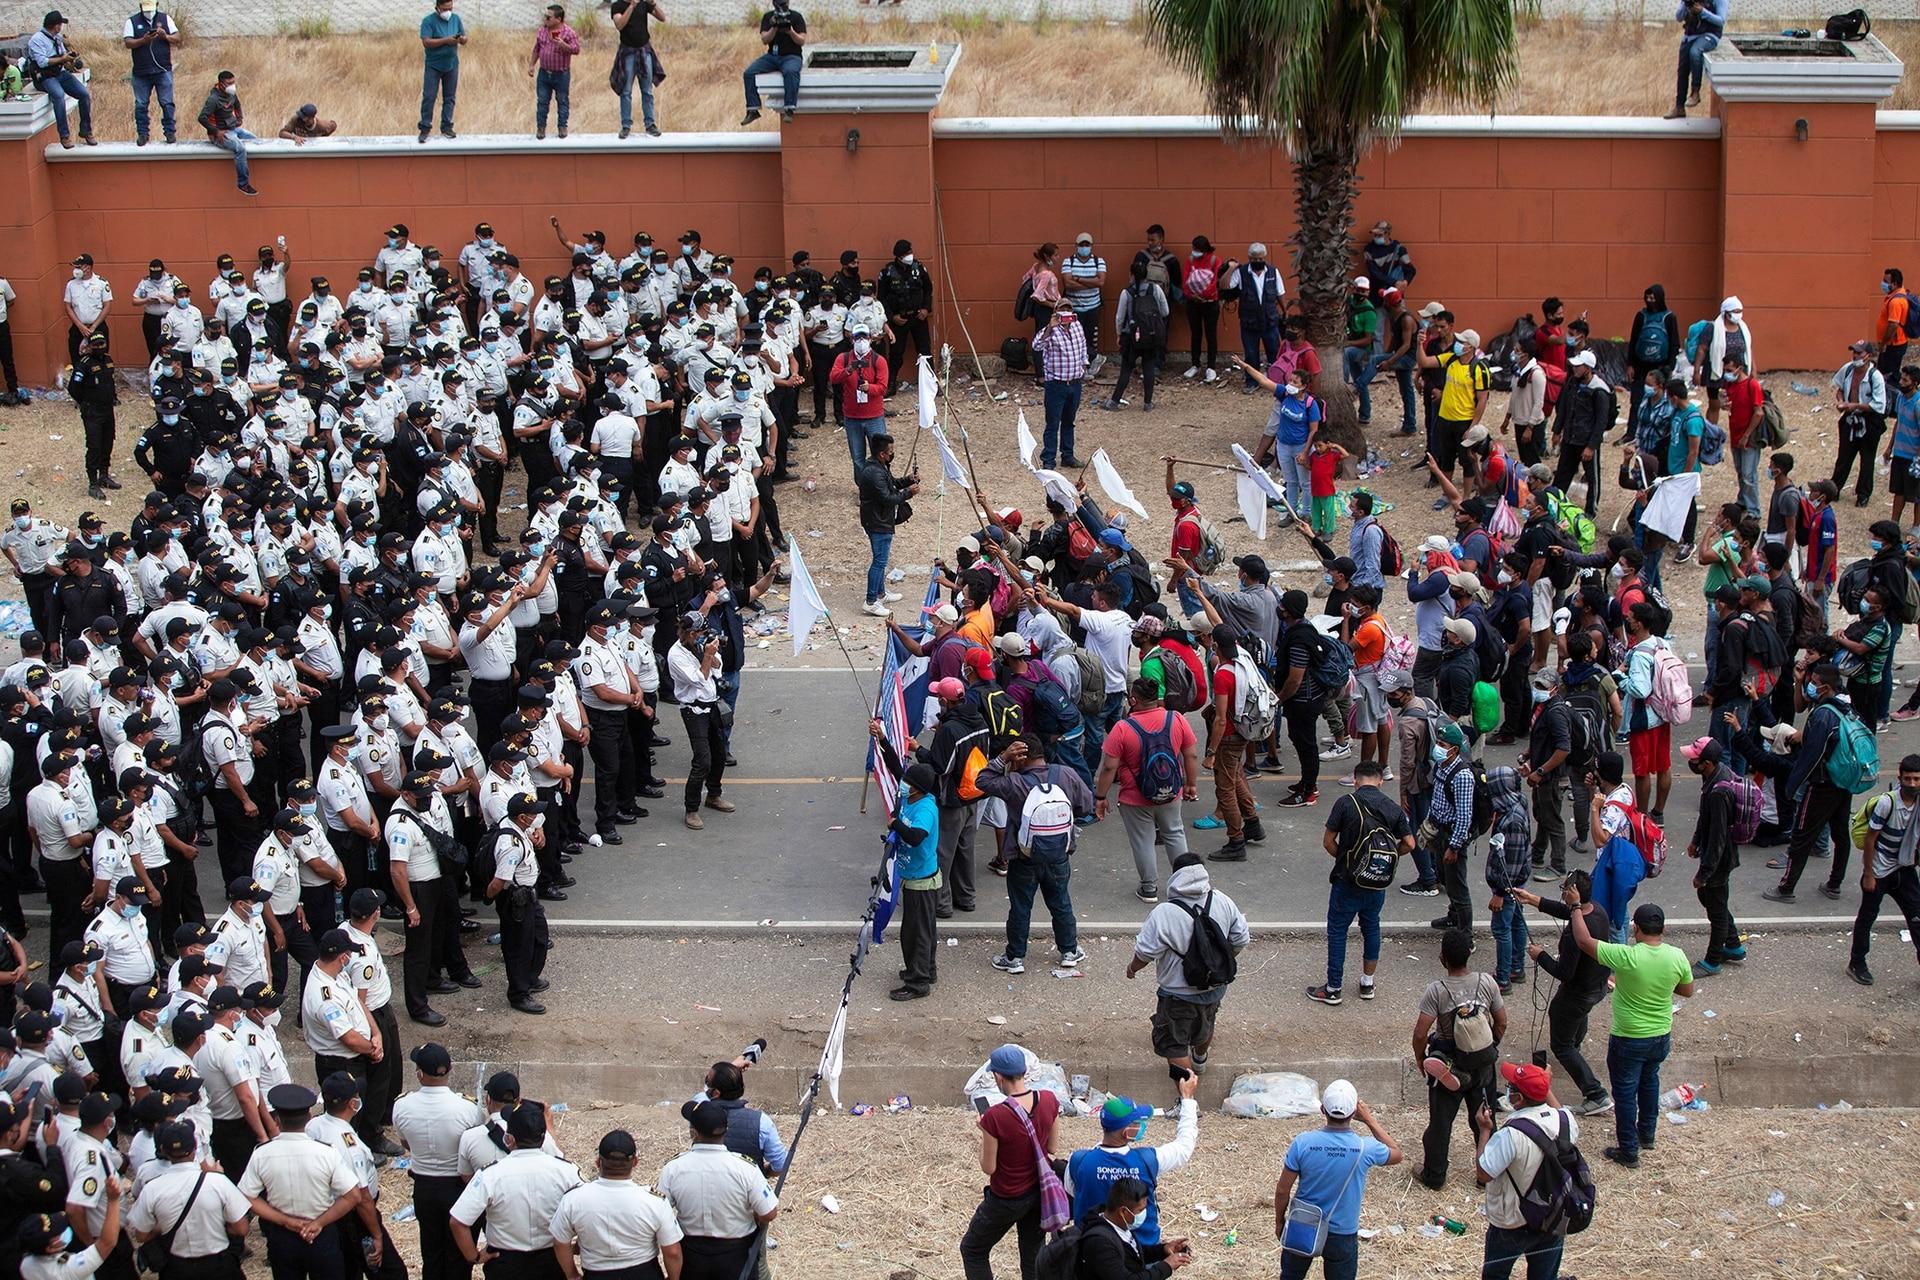 Los migrantes hondureños se enfrentan a la policía guatemalteca, que les impide avanzar hacia la frontera con Estados Unidos en la carretera en Vado Hondo, Guatemala